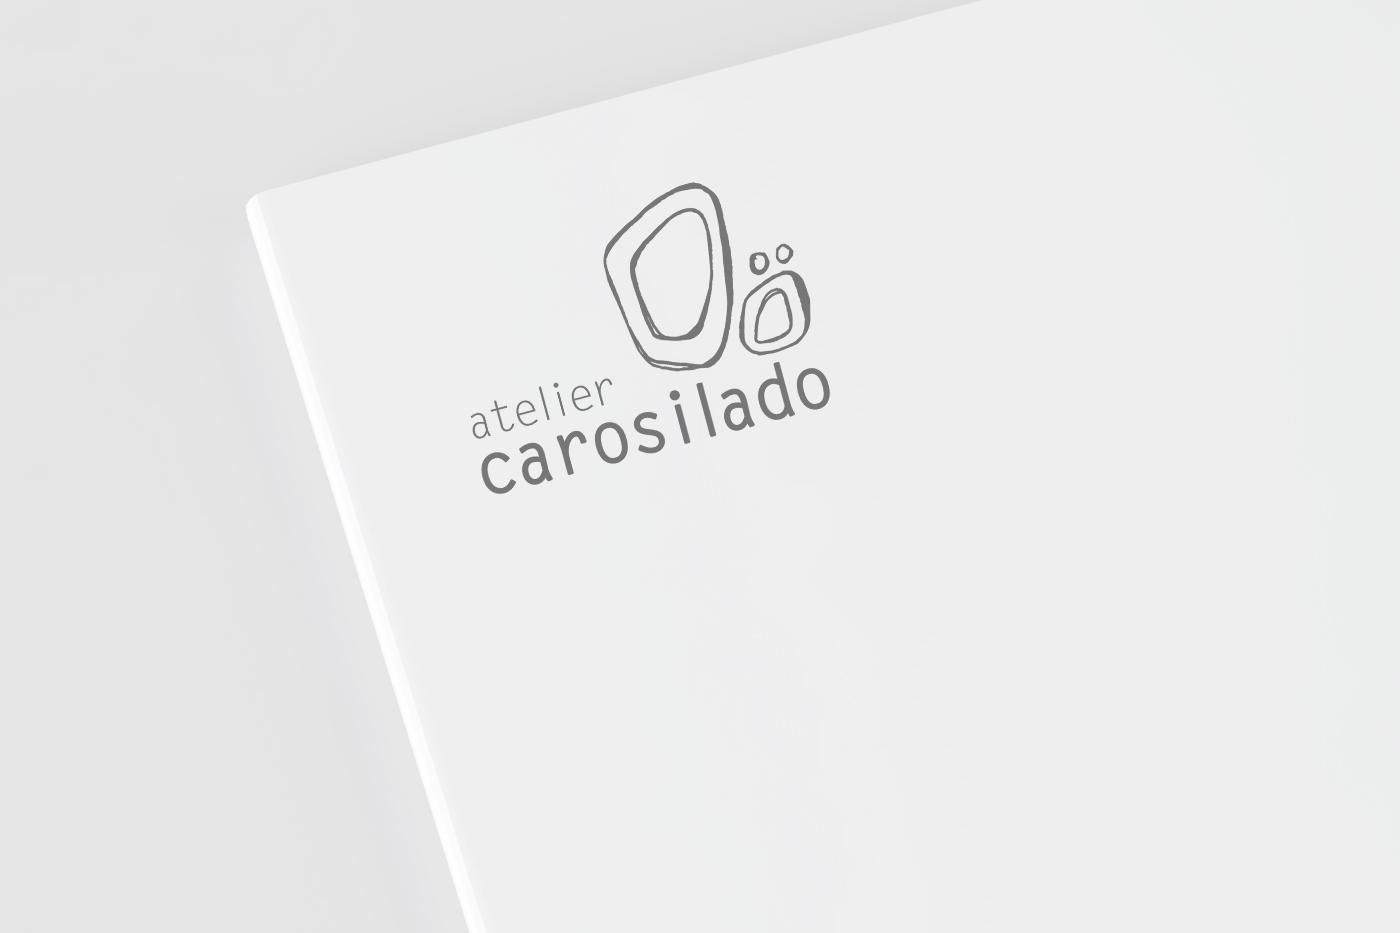 siteAB_logo Carosilado